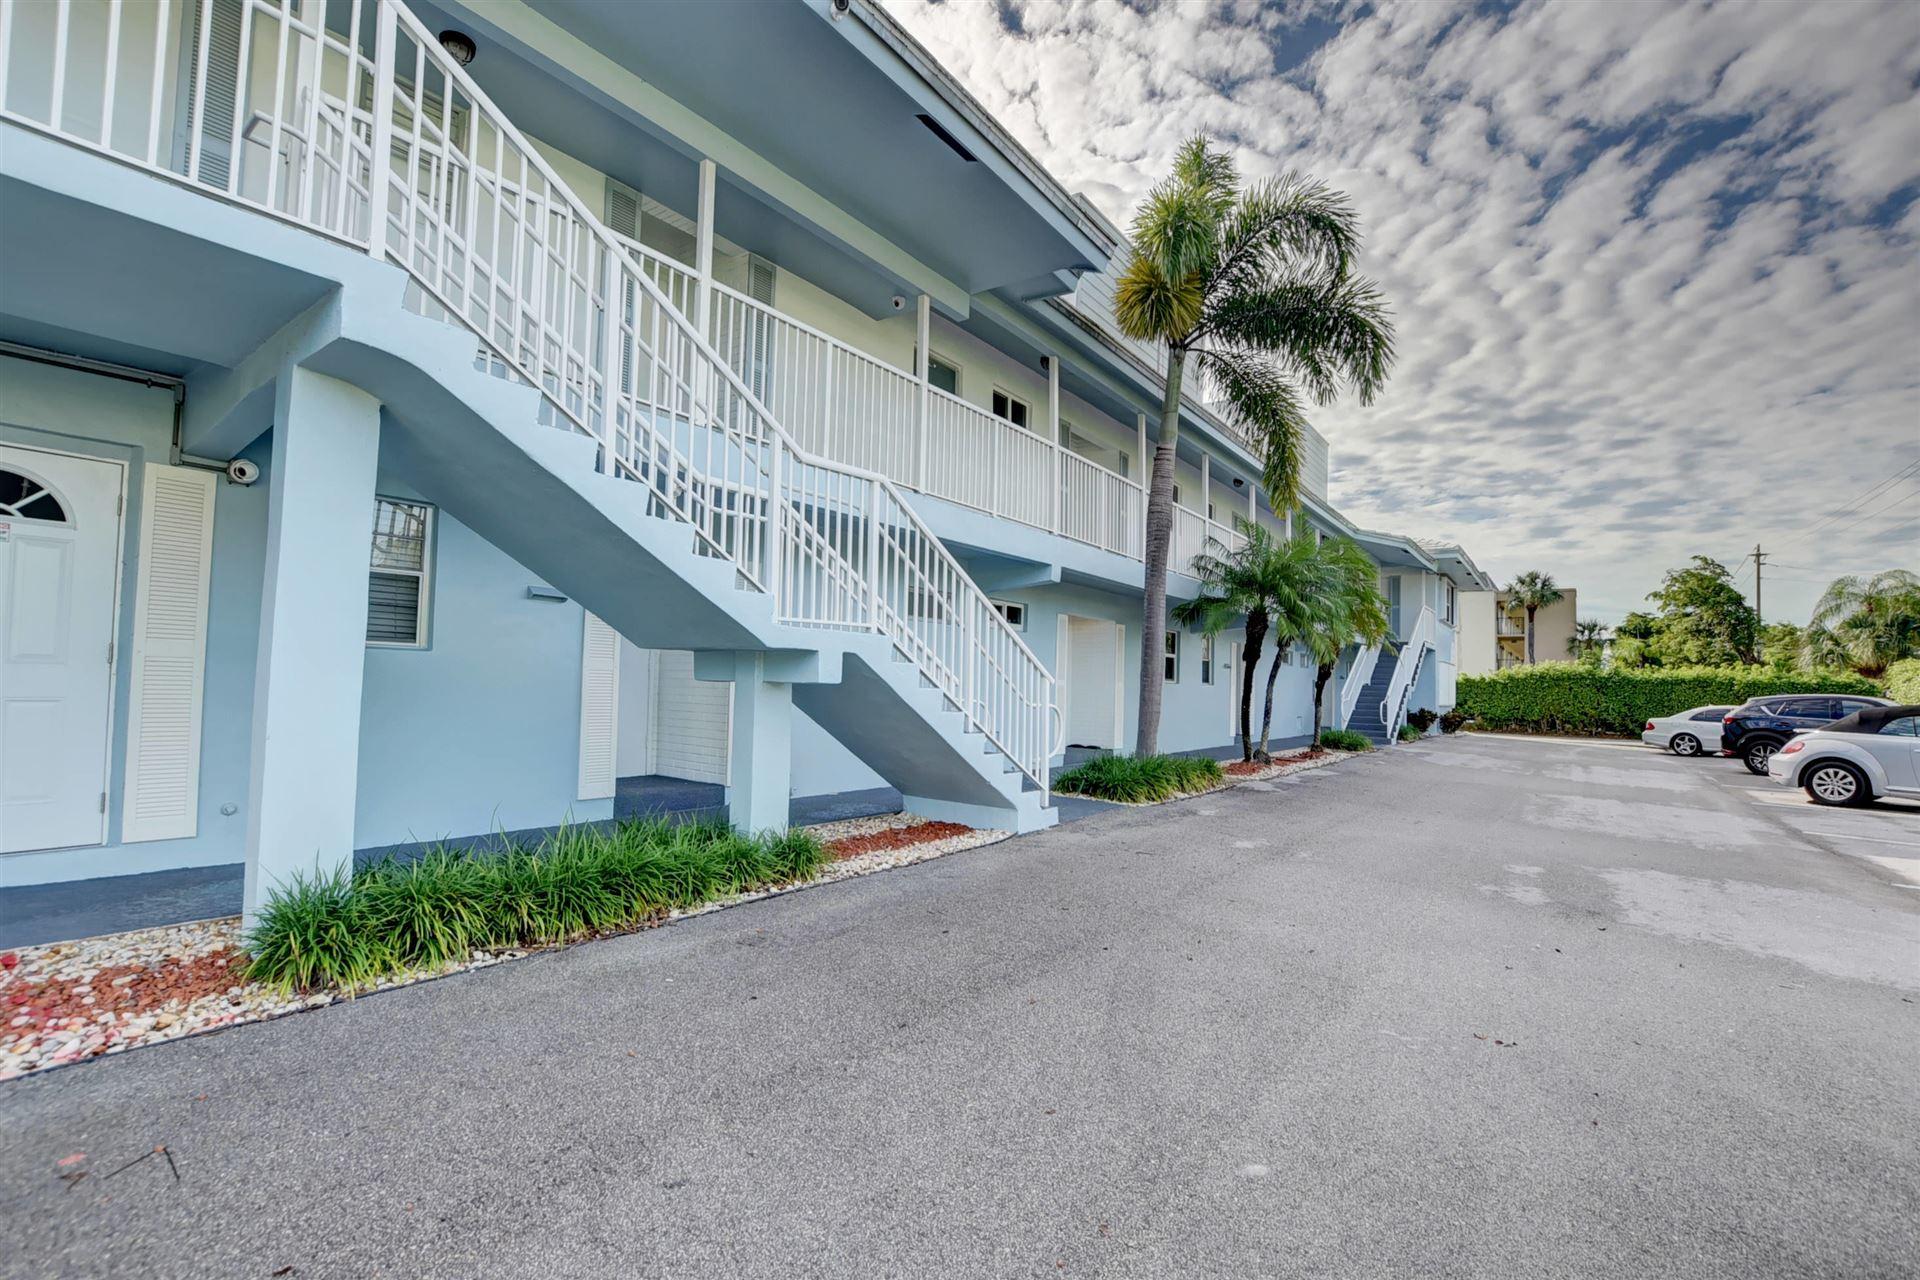 6100 NE 7th Avenue #11, Boca Raton, FL 33487 - MLS#: RX-10702879